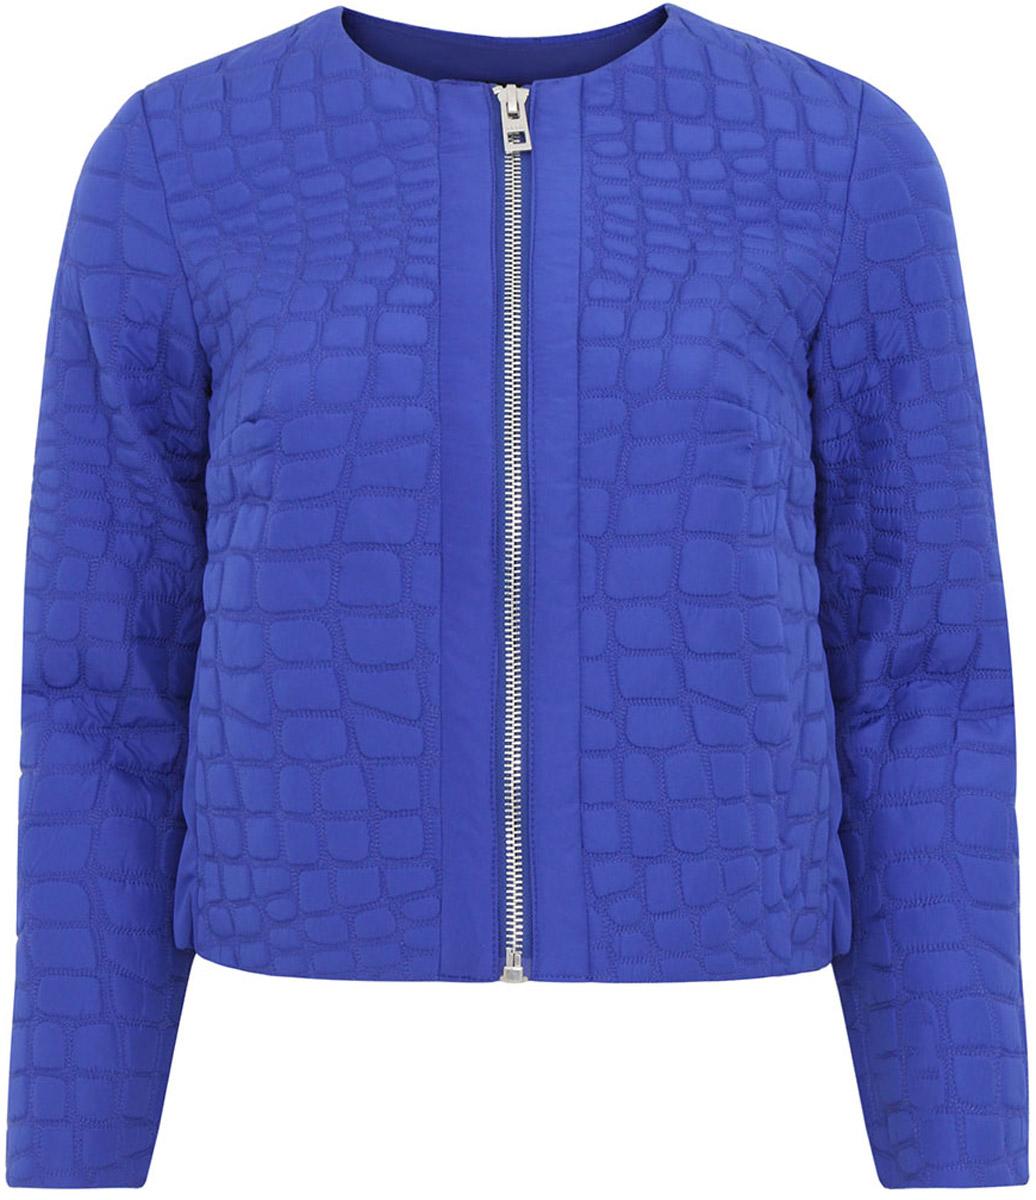 Куртка женская oodji Ultra, цвет: синий. 10304034/42781/7500N. Размер 40-170 (46-170)10304034/42781/7500NЖенская фуктурная куртка oodji Ultra выполнена из высококачественного материала, в качестве подкладки используется полиэстер. Утеплитель - синтепон. Укороченная модель с круглым вырезом горловины застегивается на застежку-молнию.